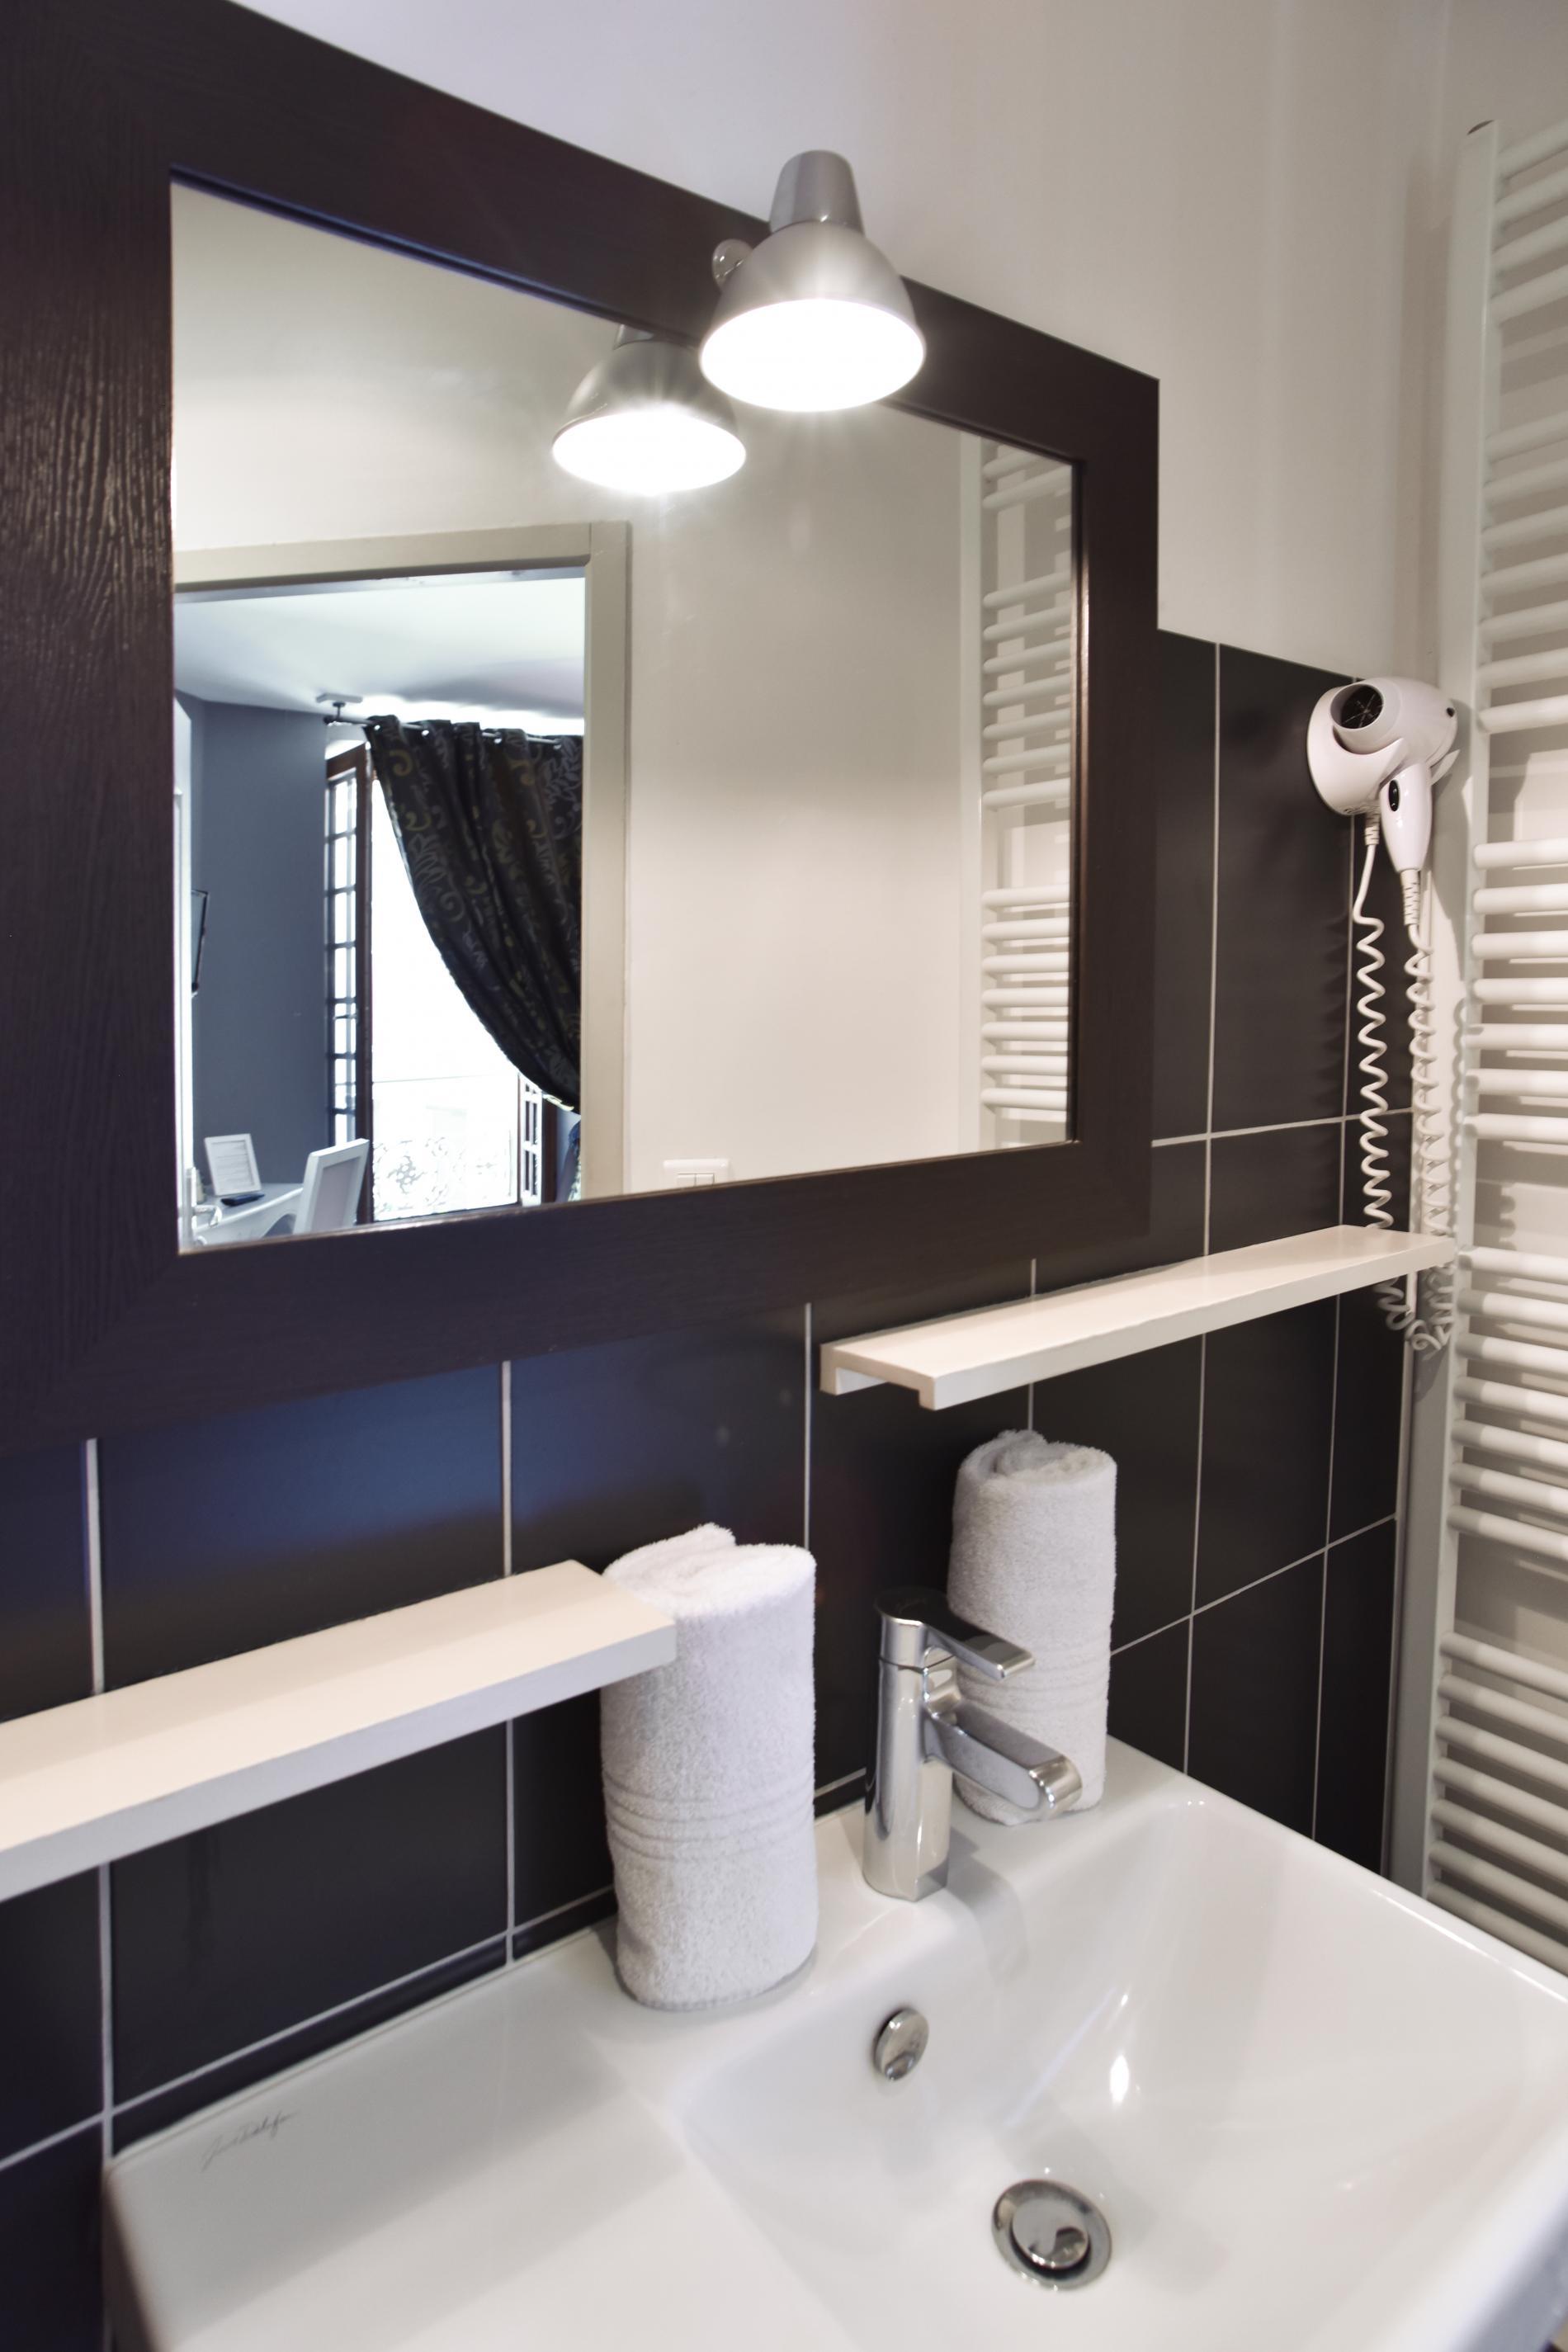 salle d'eau moderne et équipée....